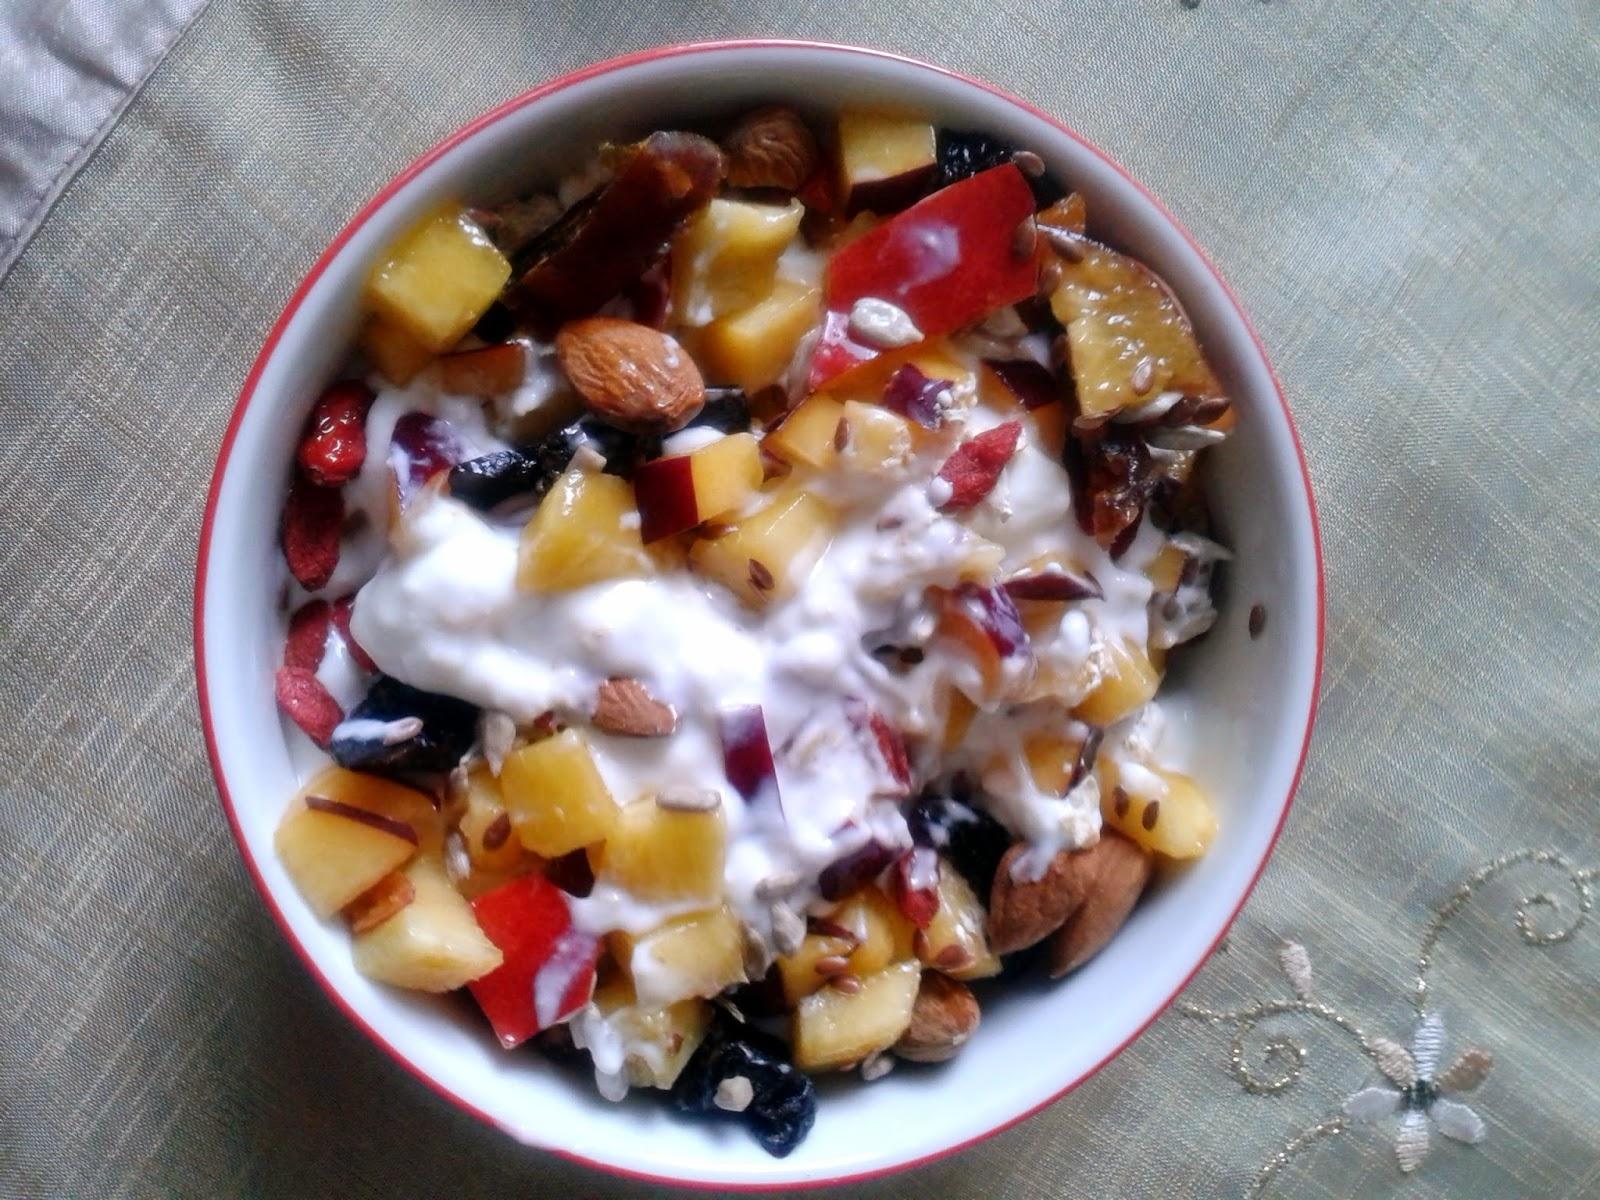 Jogurt naturalny z owocami i bakaliami  -nektarynka -migdały -jagody goji -daktyle -suszone śliwki